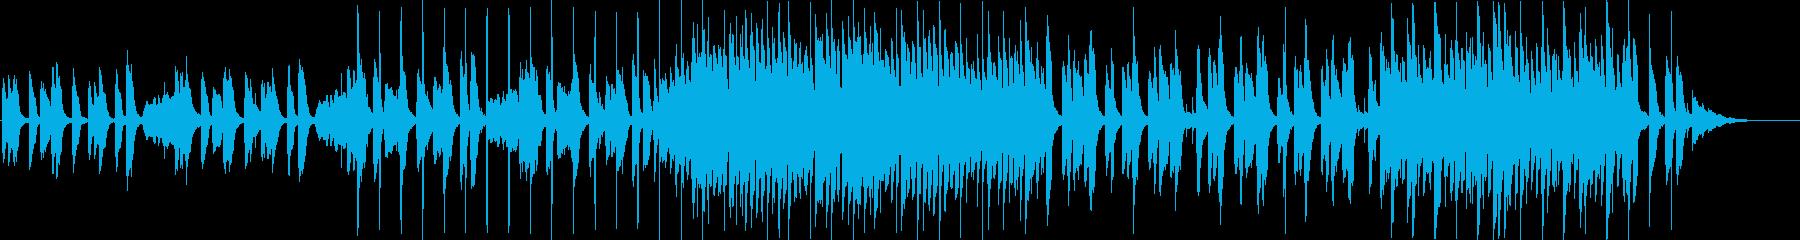 CM】爽やかでコミカルなピアノインストの再生済みの波形